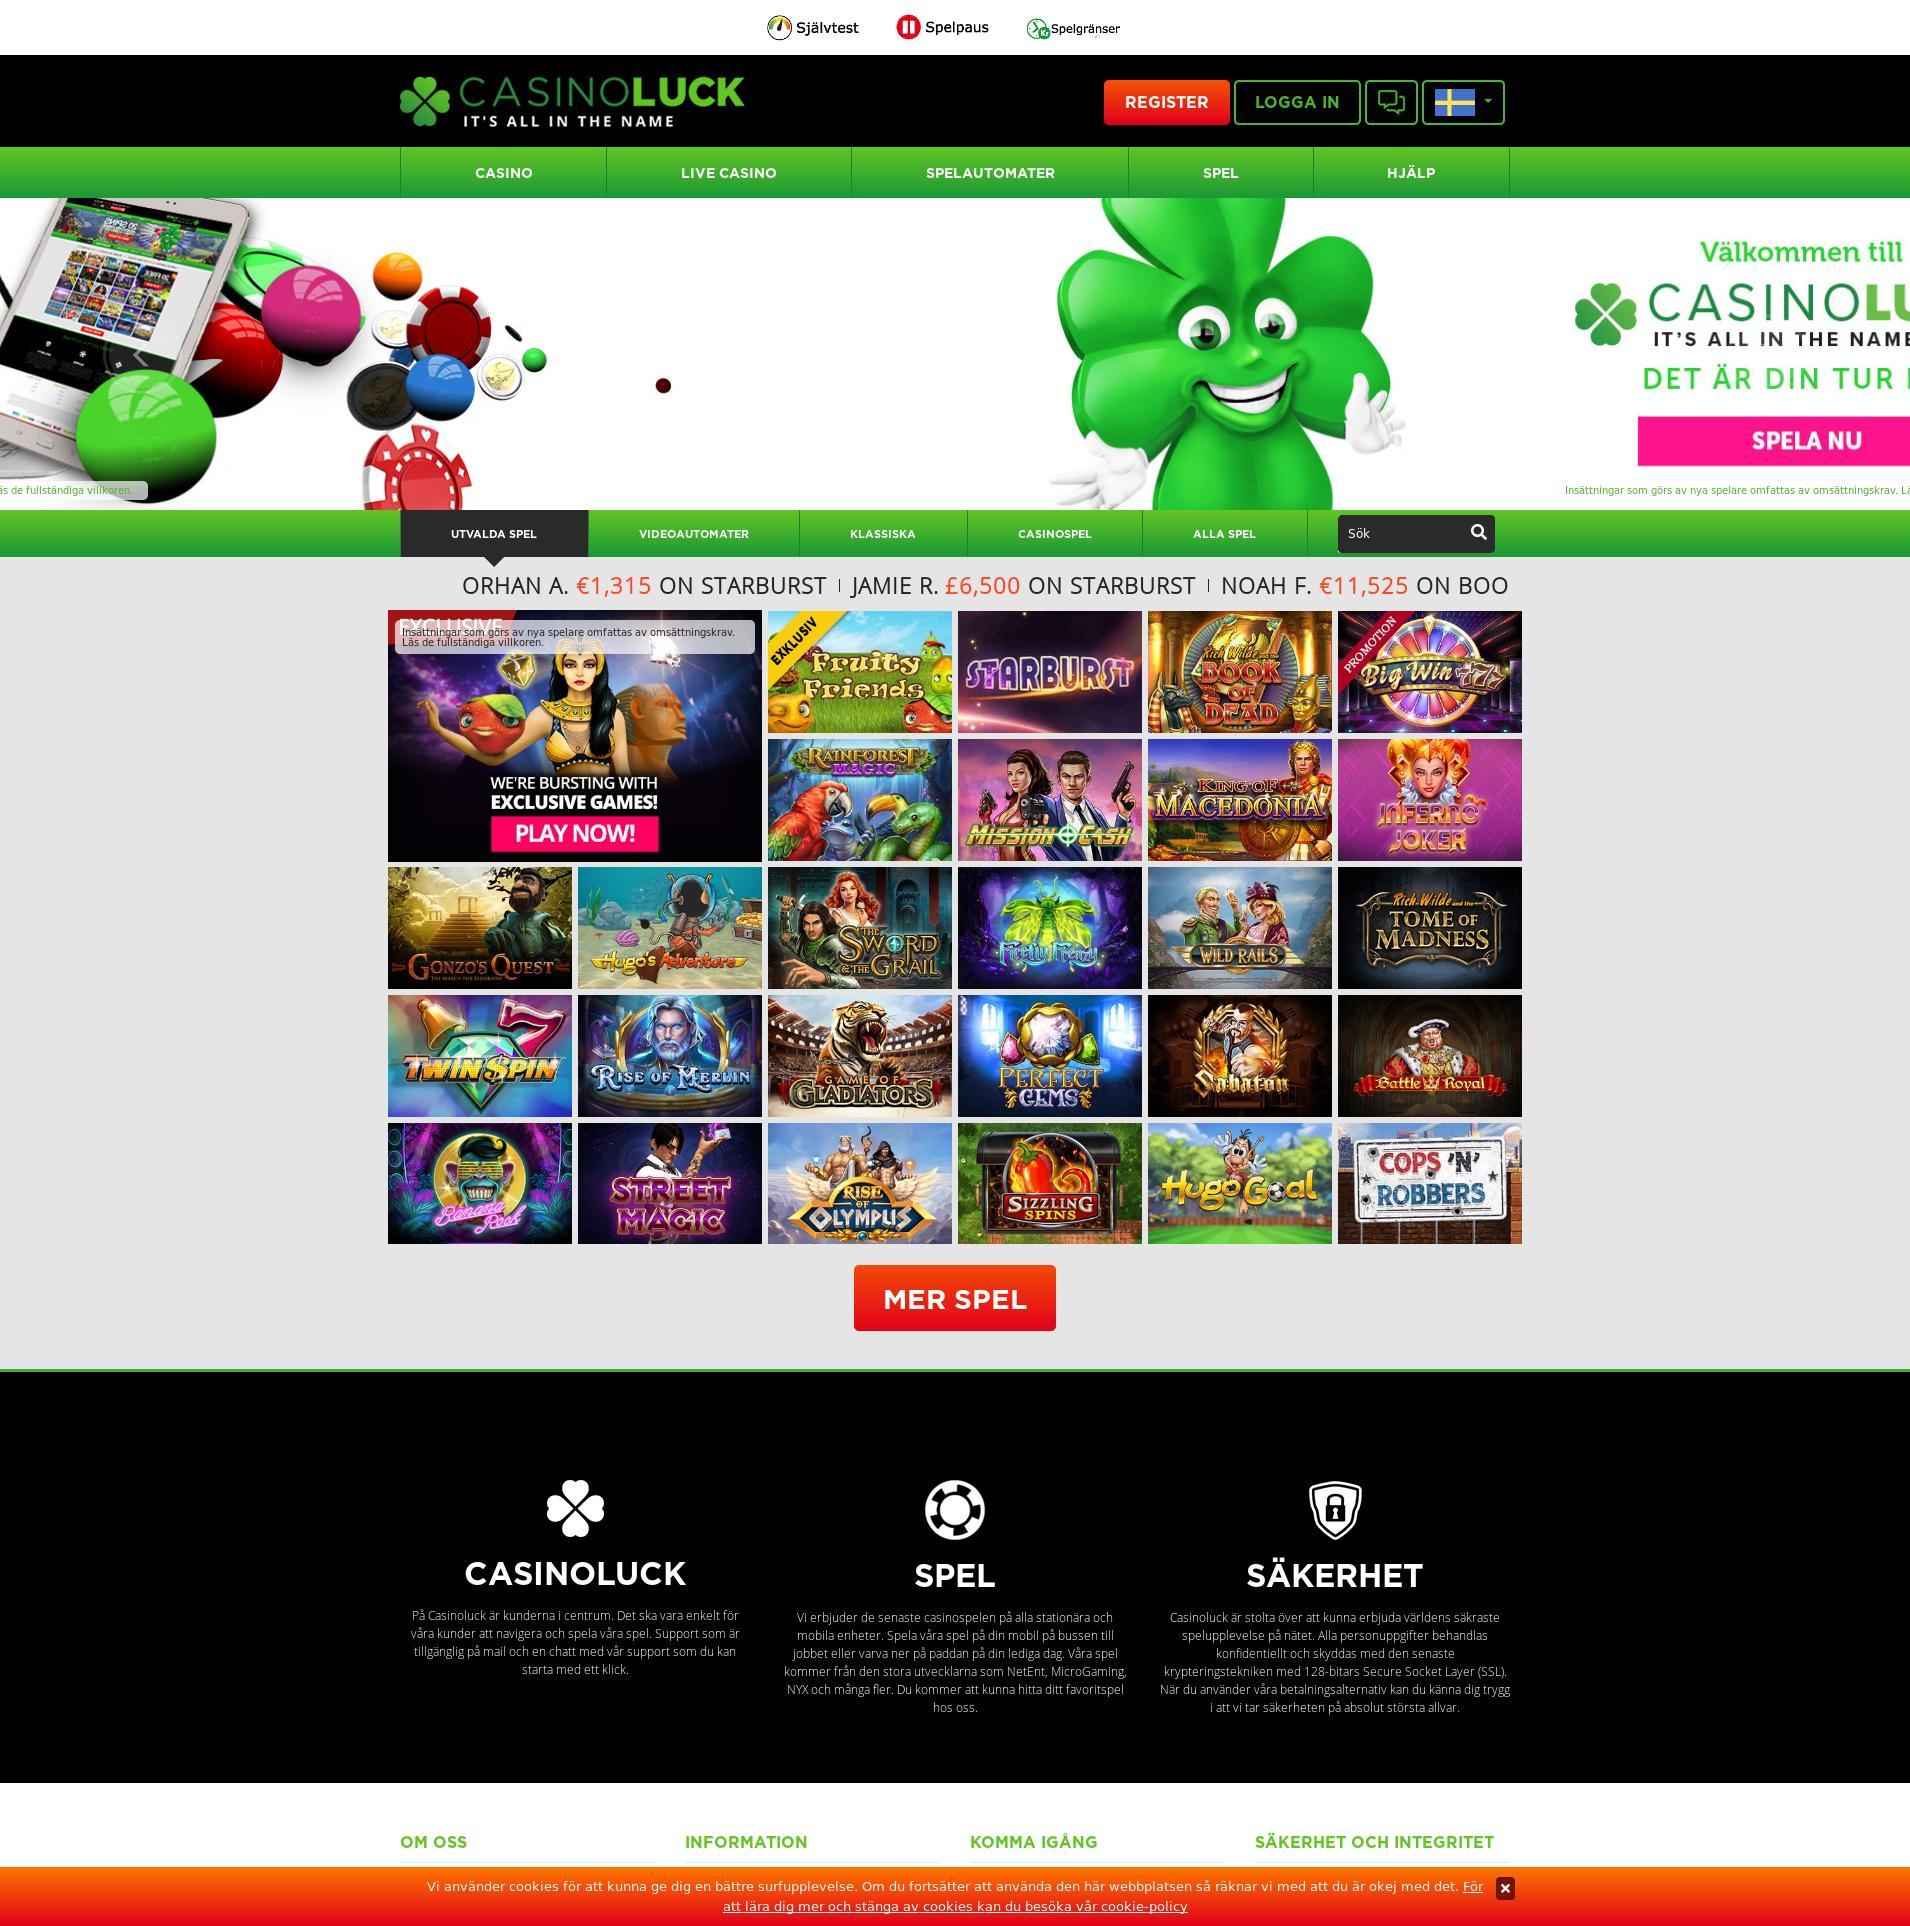 Casino screen Lobby 2020-02-21 for Sweden